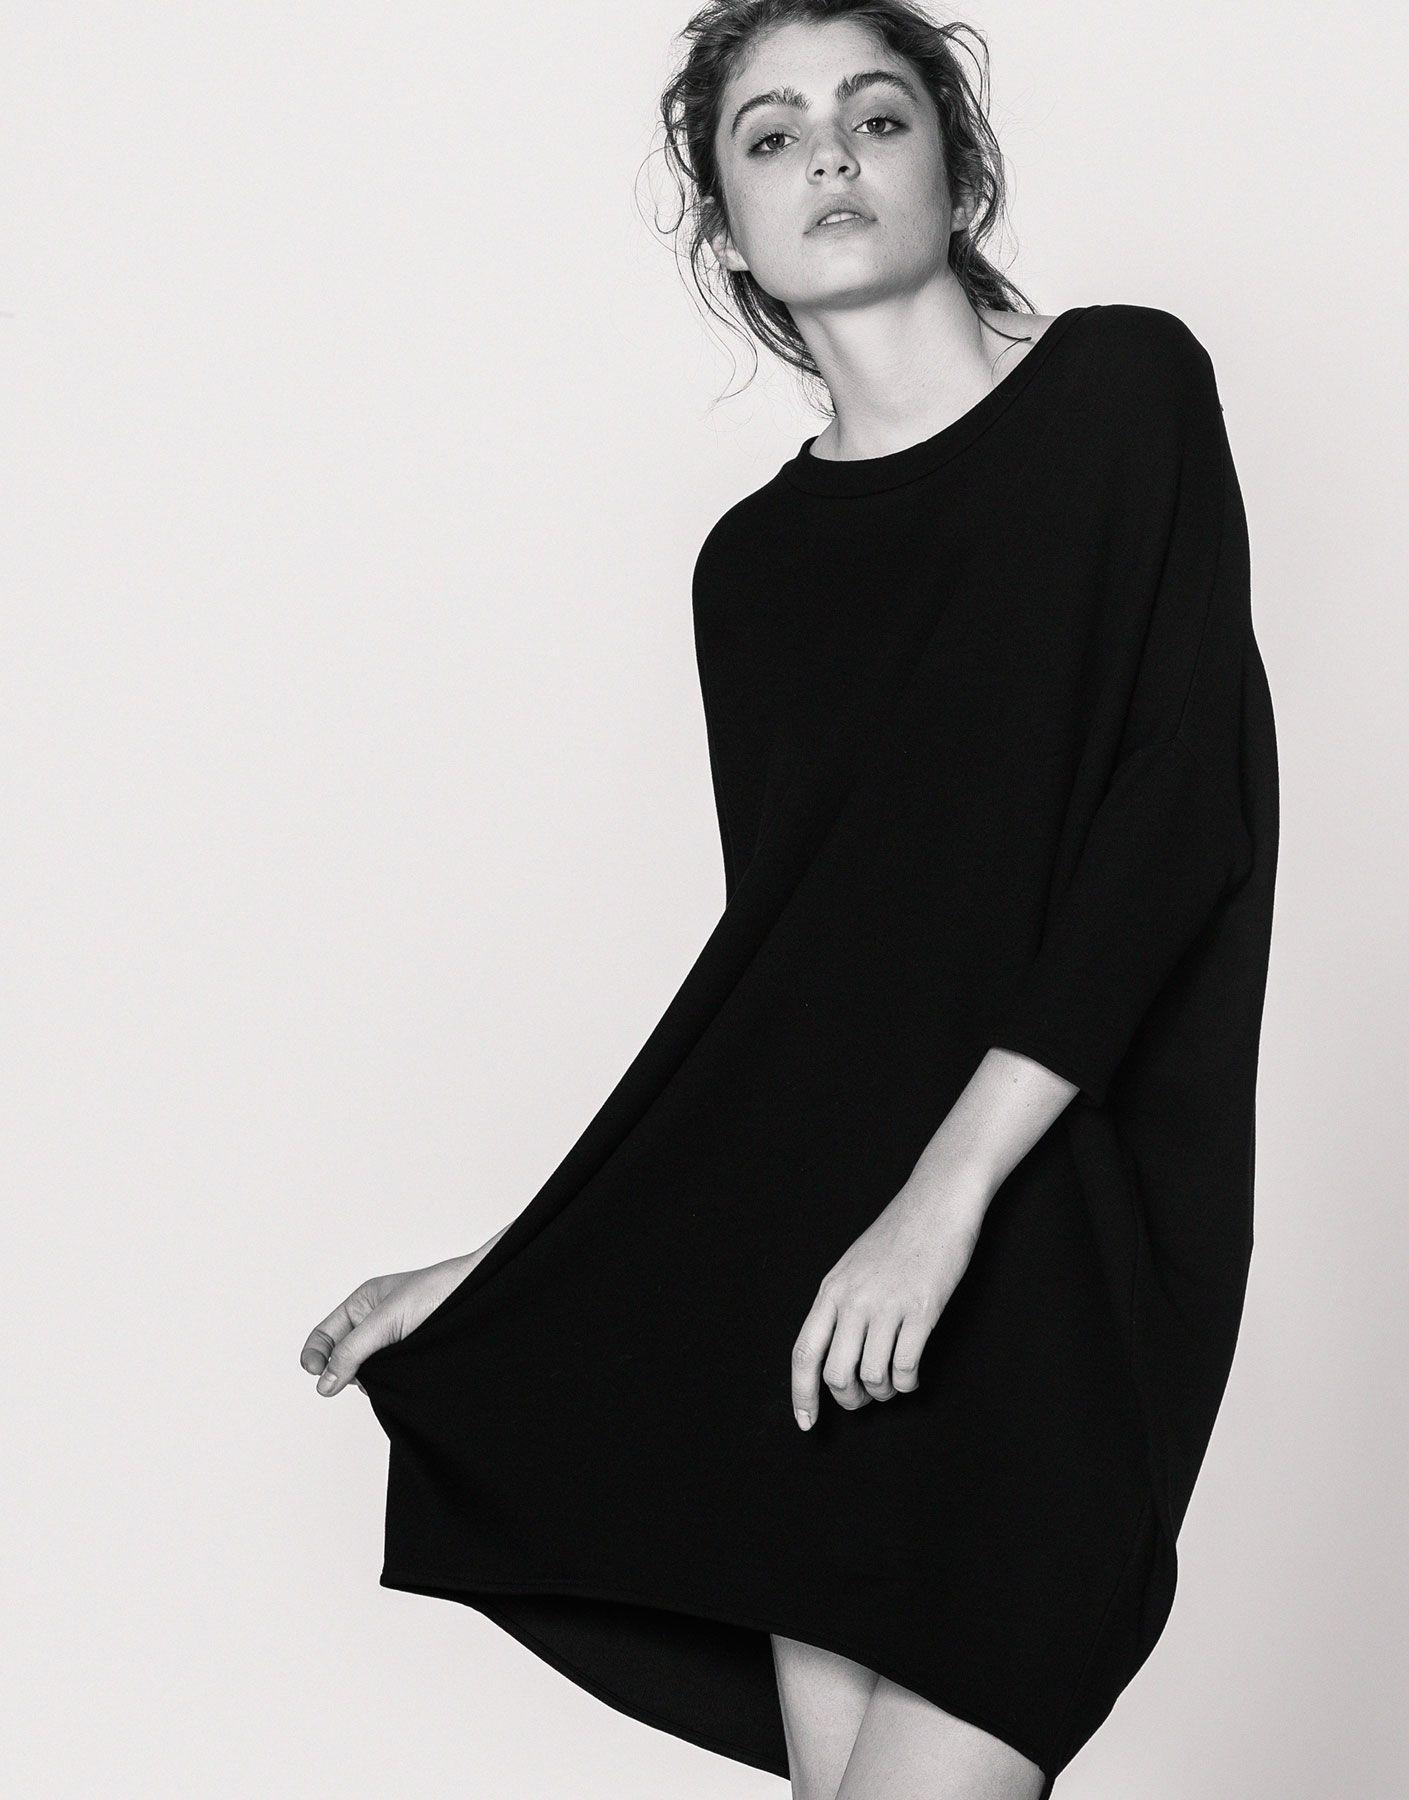 1bd94a626c7 Petit robe noir coco chanel – Site de mode populaire